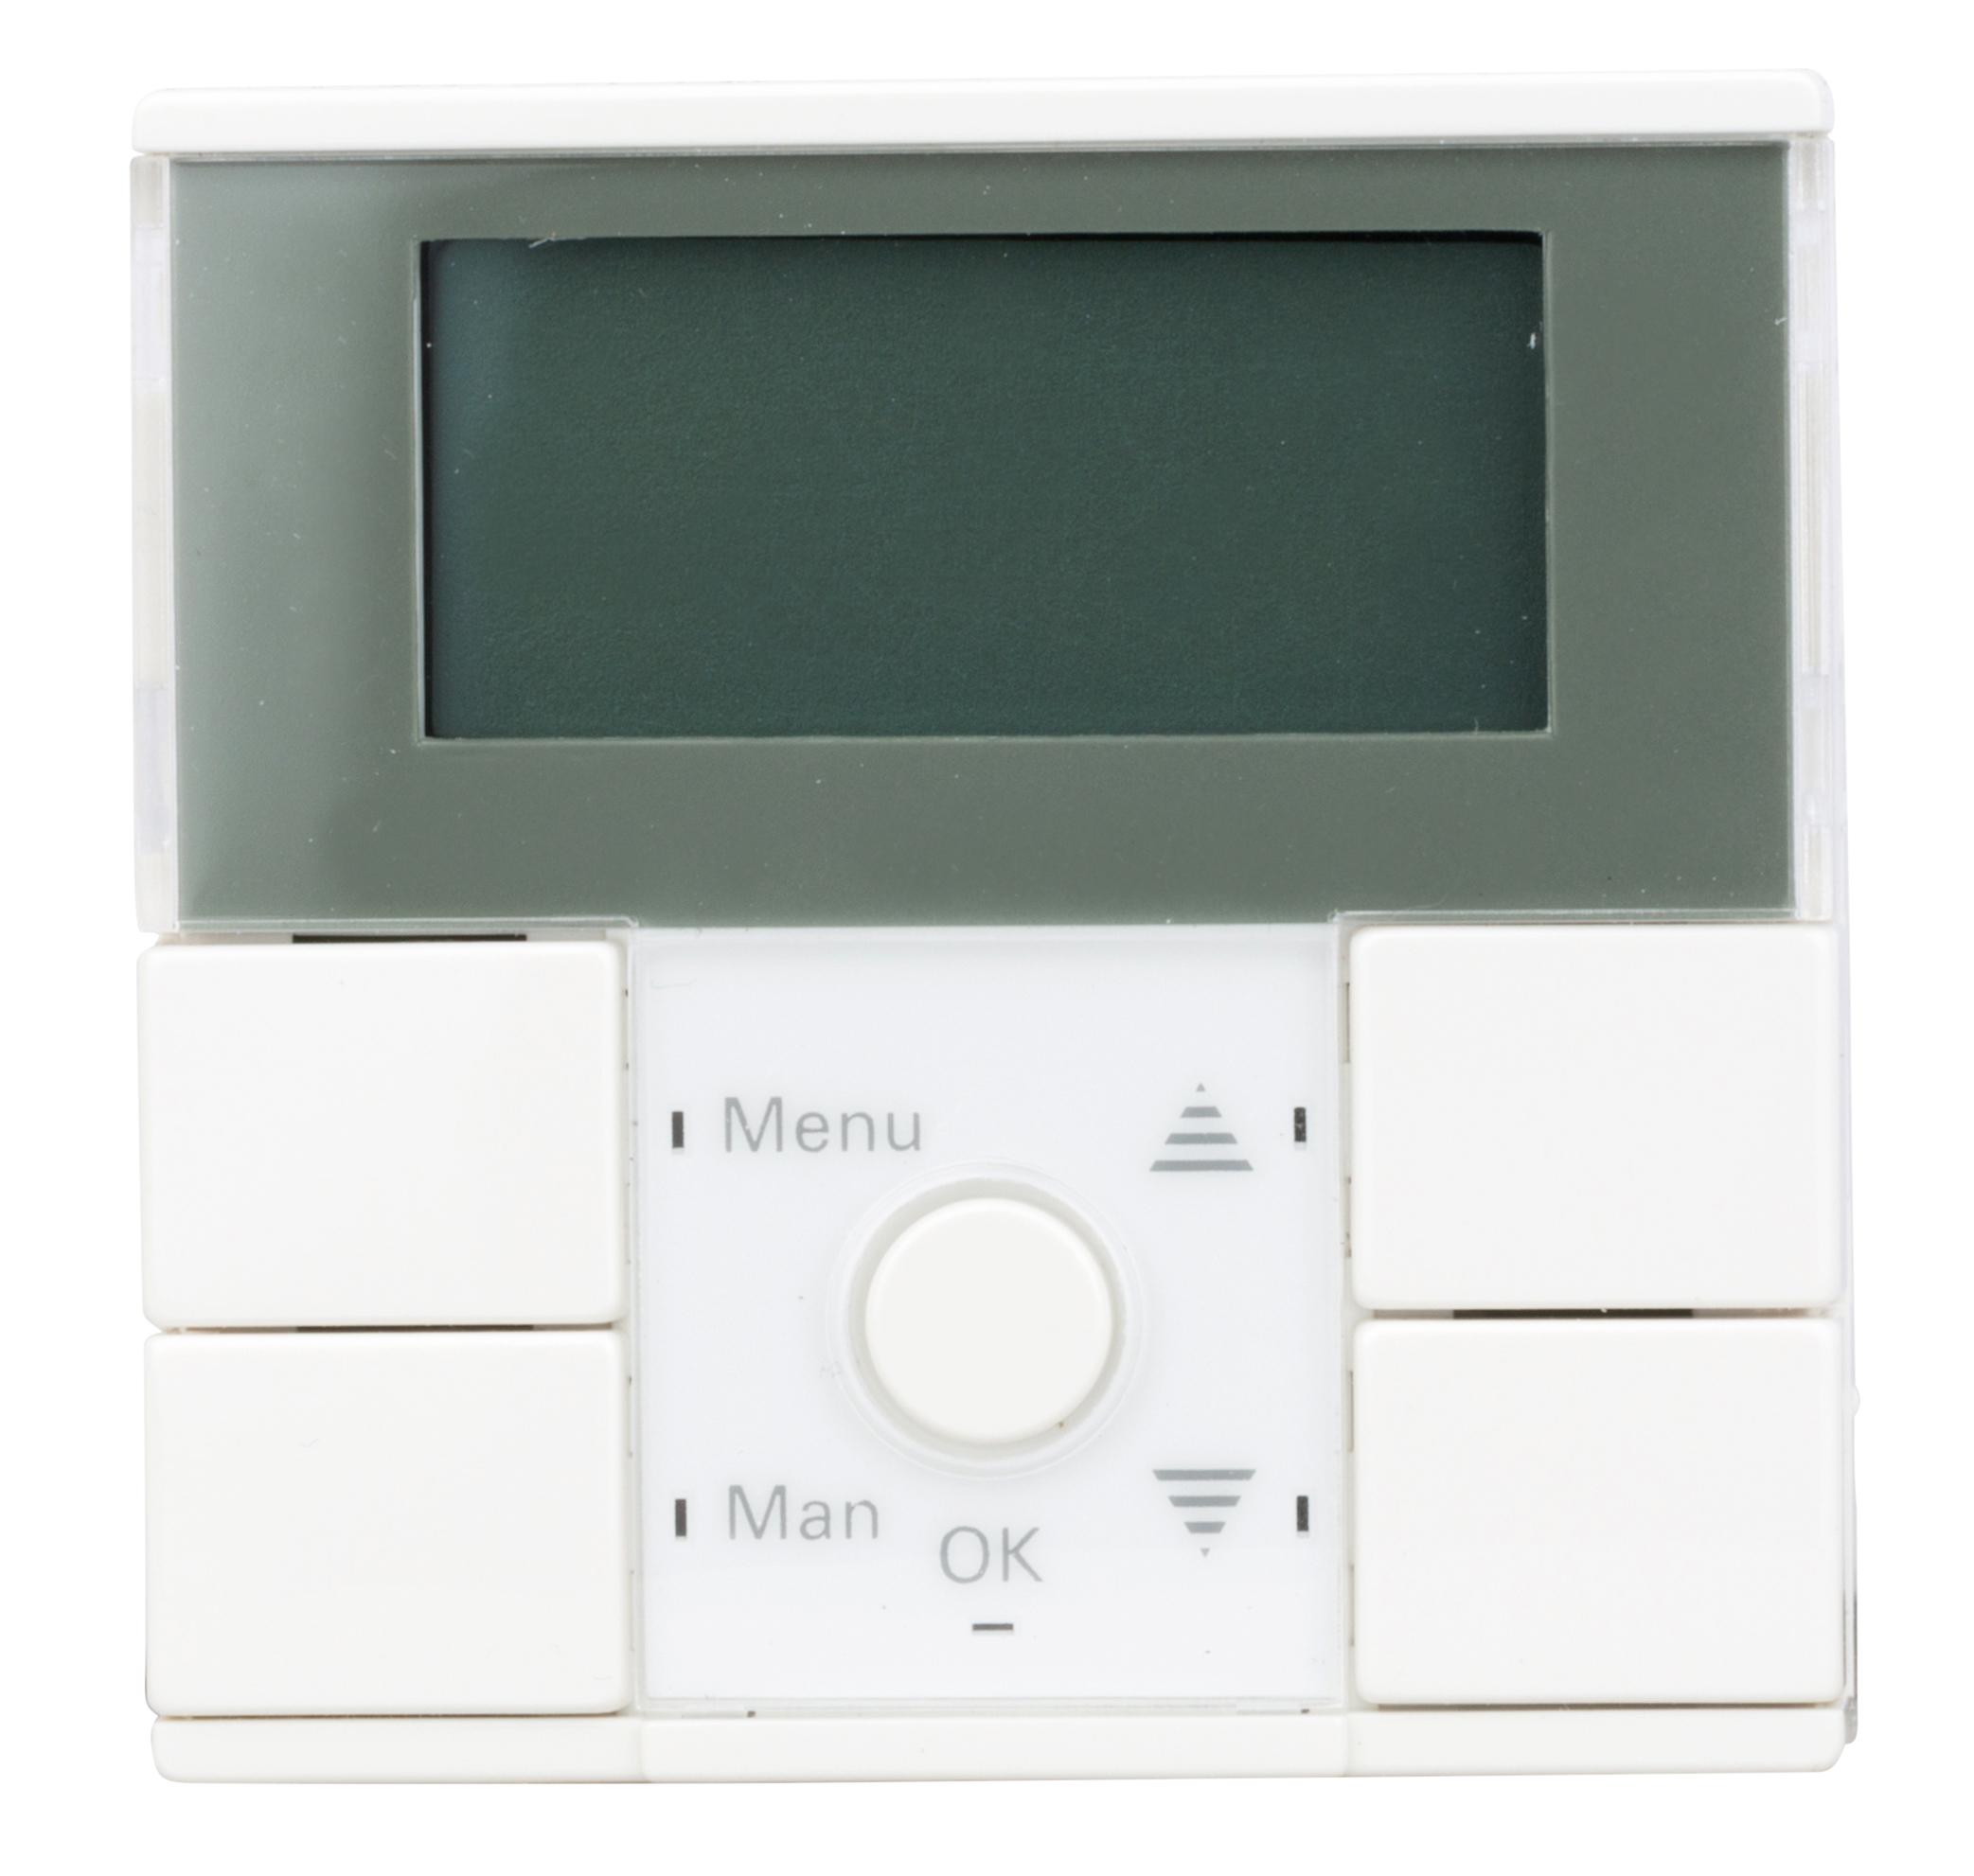 1 Stk Aufsatz für digitale Zeitschaltuhr EV57550319